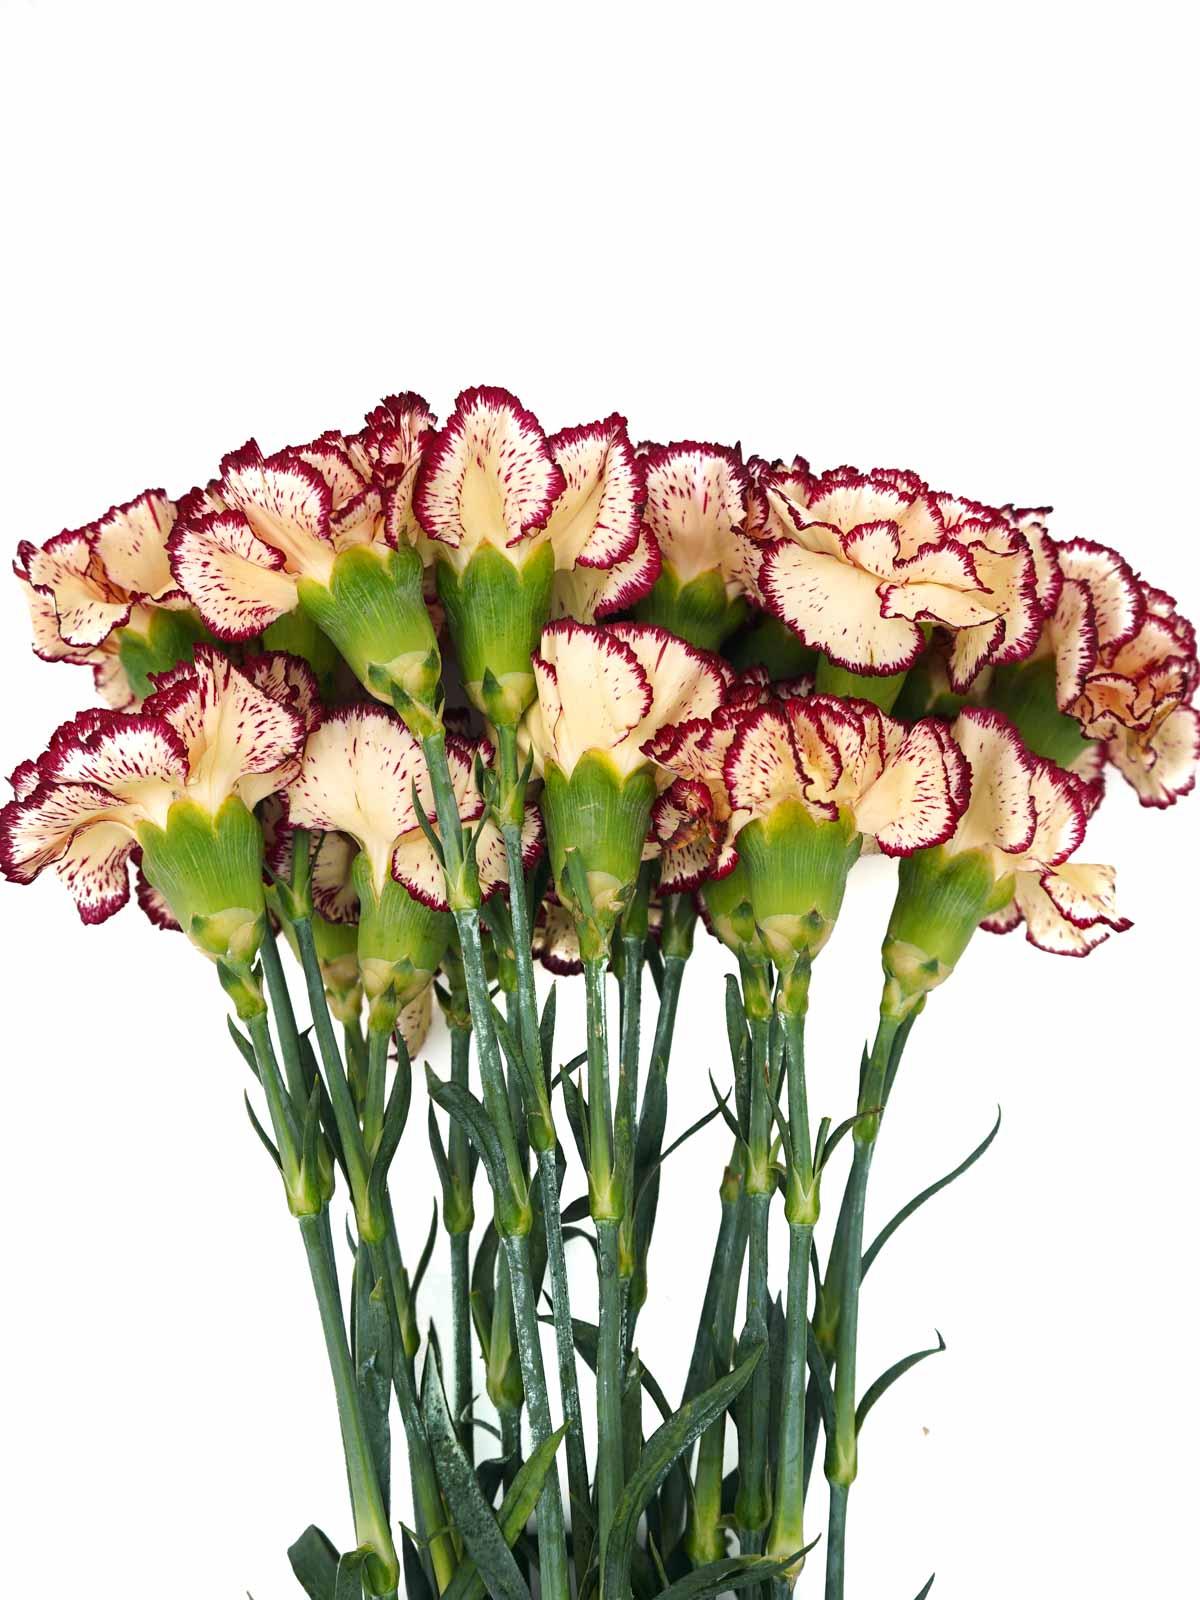 قرنفل أحمر مزدوج اللون  الزهور بالجملة زهور مقطوفة